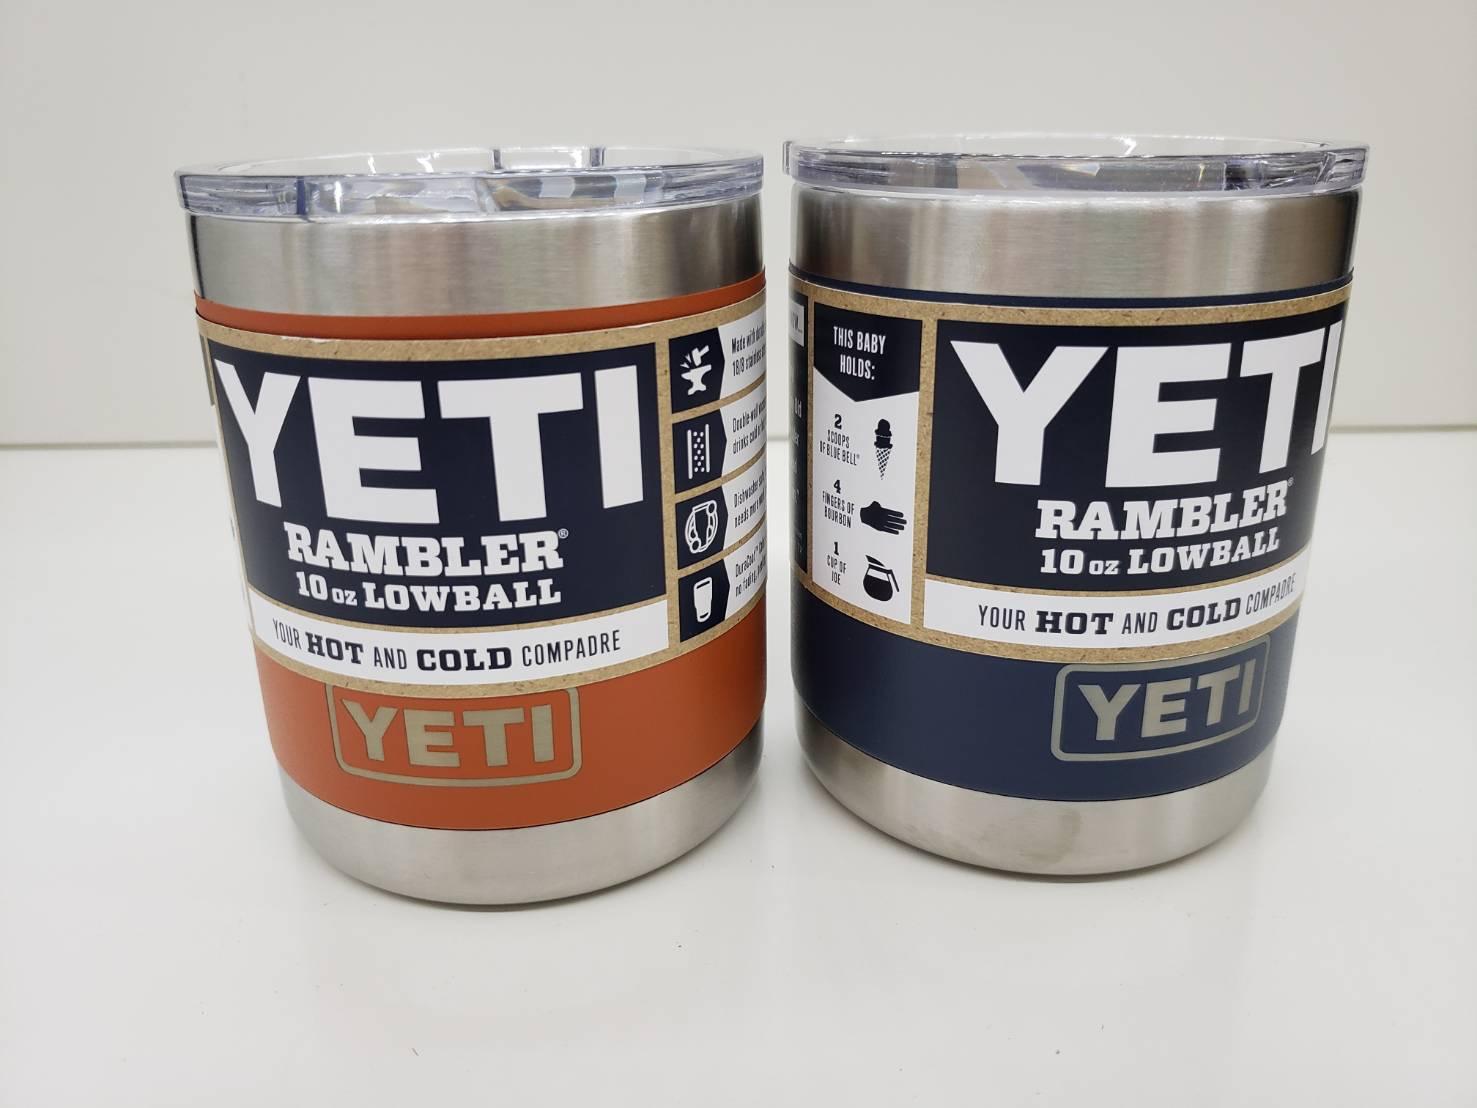 新品! YETI / イエティ ランブラー 10oz ローボール 2個セット  買取致しました!の買取-